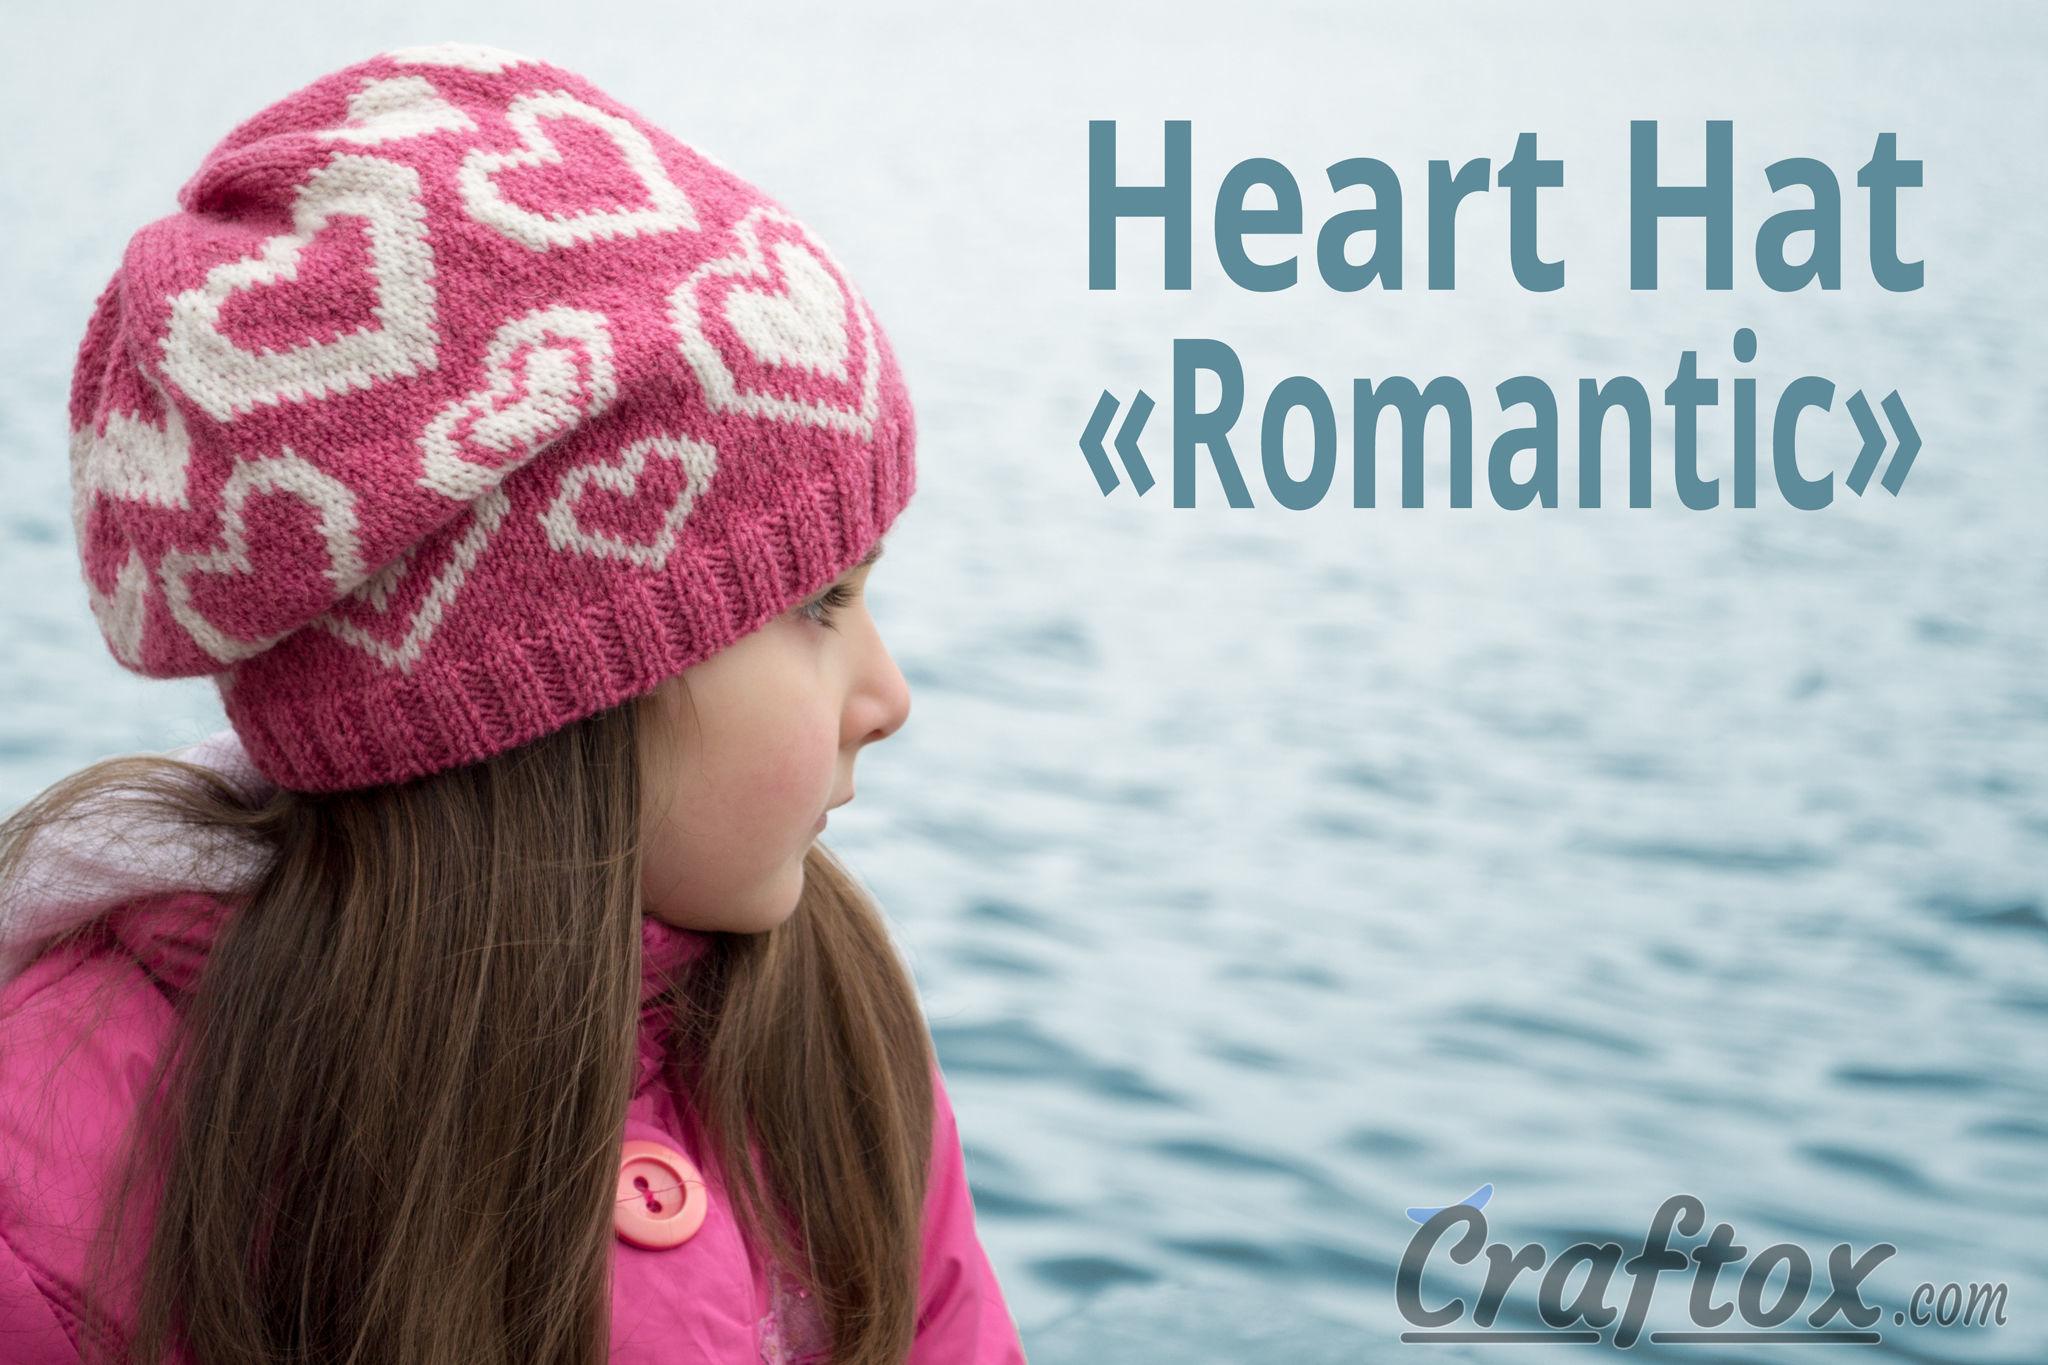 """Heart hat """"Romantic"""" free knitting pattern (chart)"""